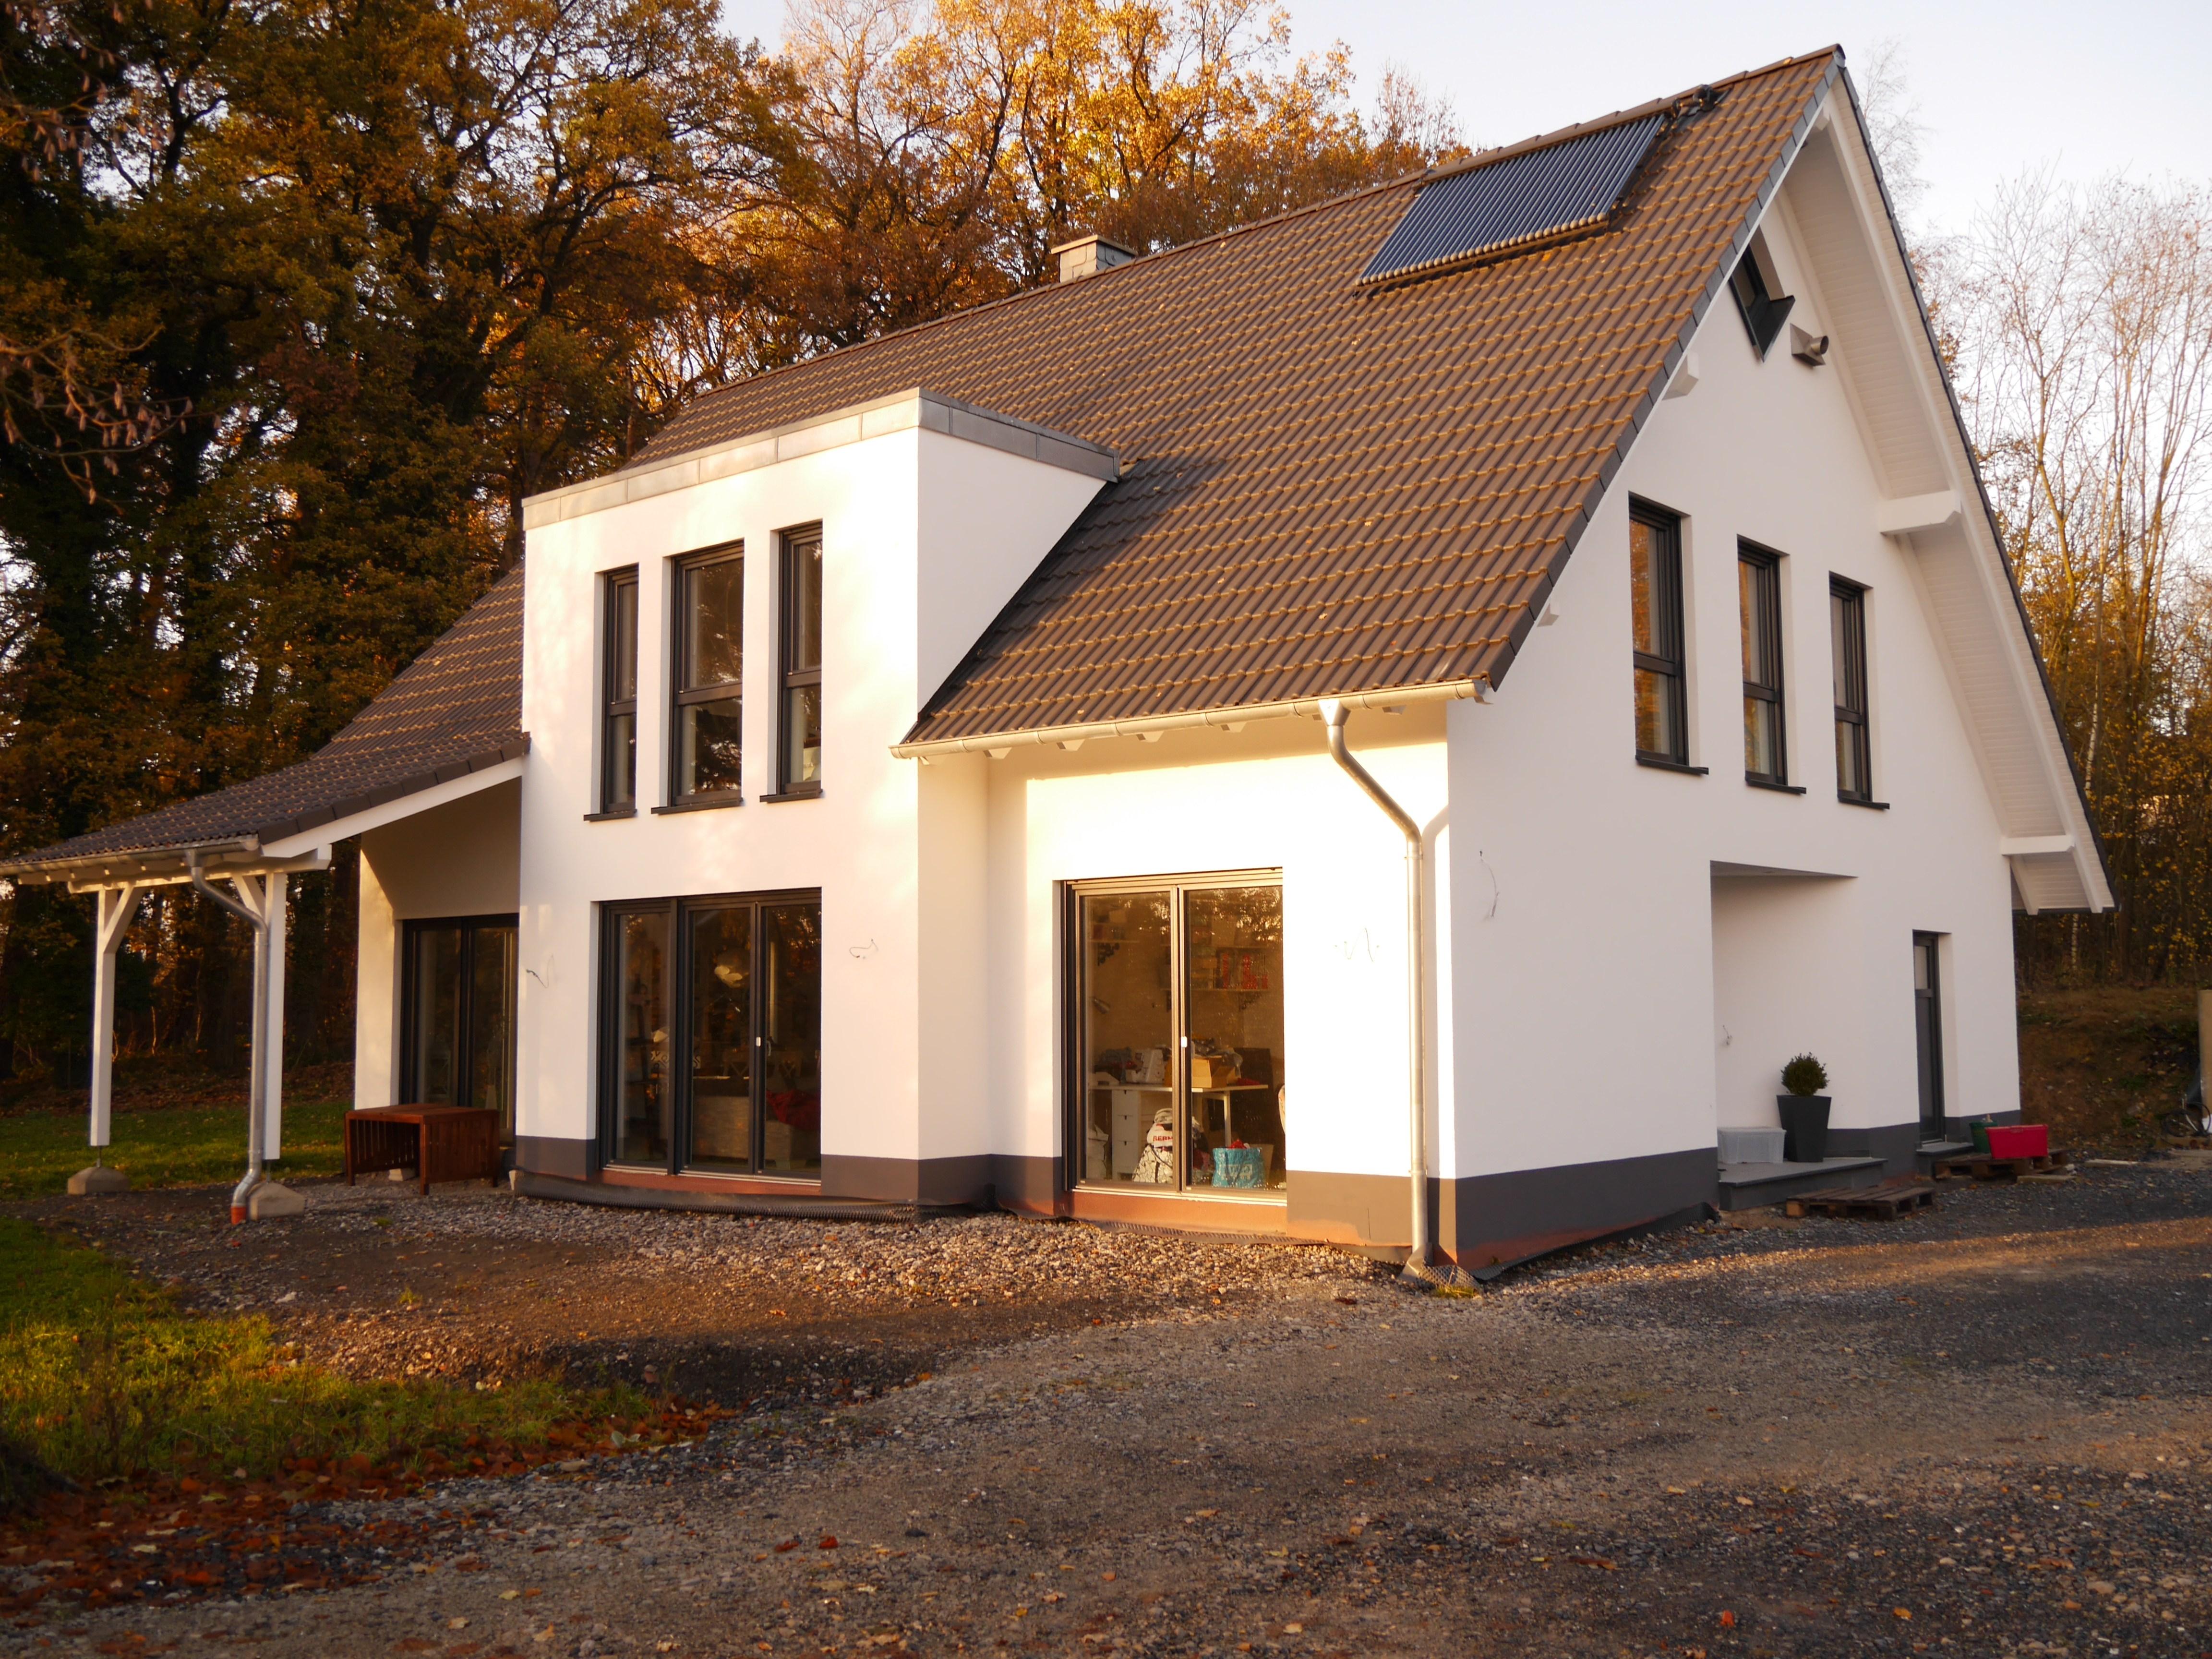 Sie Möchten Ihr Haus Schlüsselfertig In Soest, Warstein, Möhnesee,  Lippstadt, Werl Oder Dortmund Bauen?